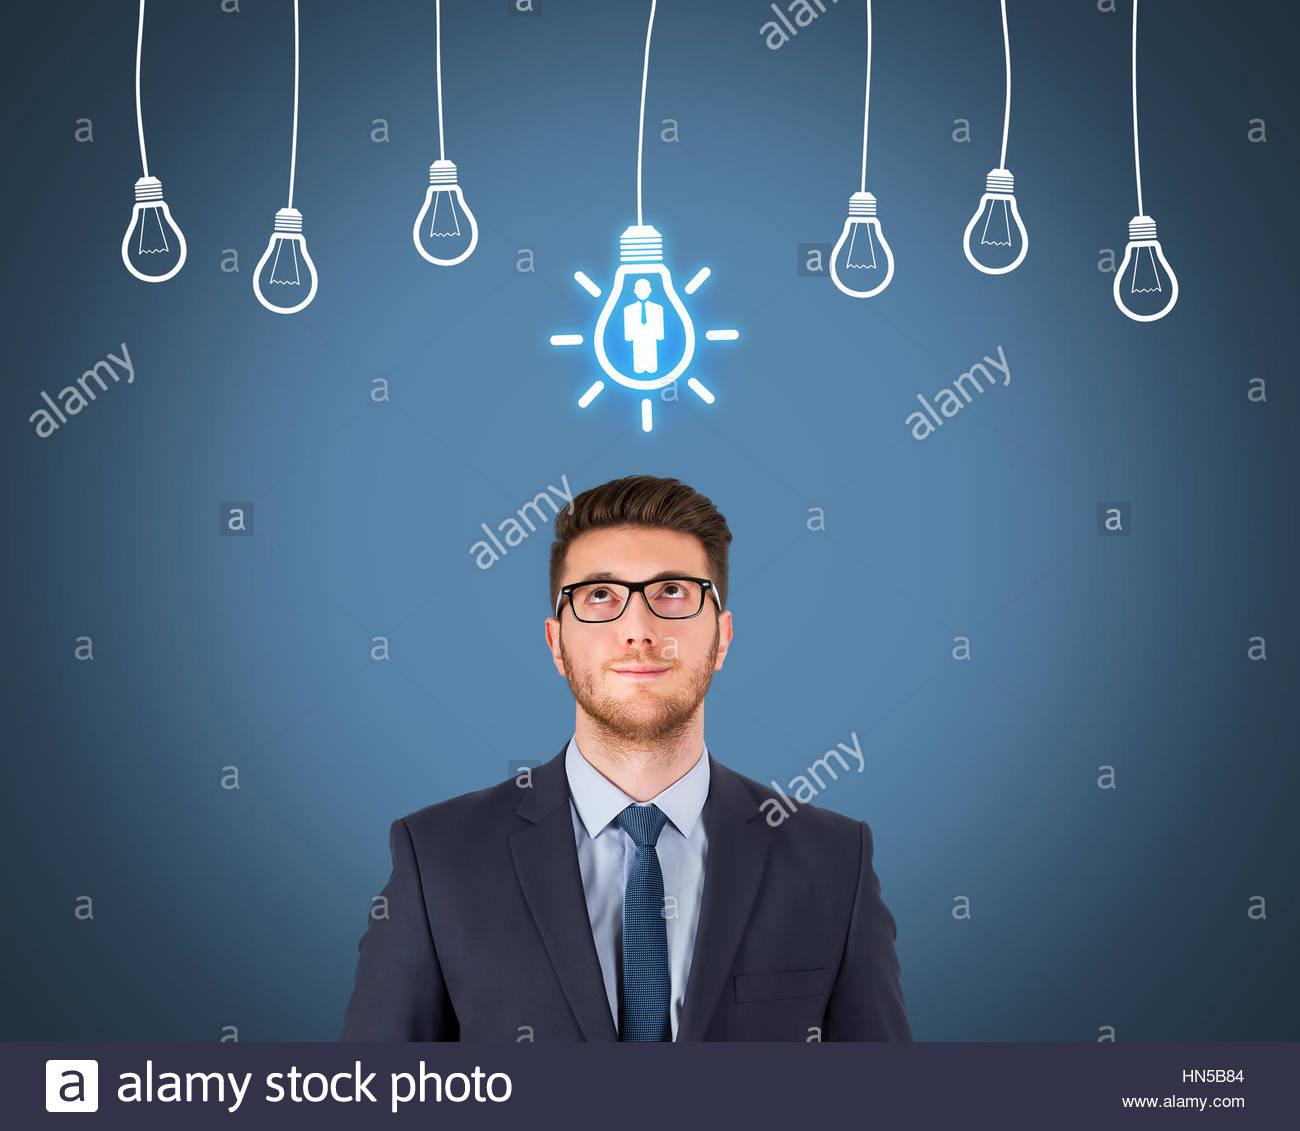 Rekrutierung und Idee mit Person Stockbild